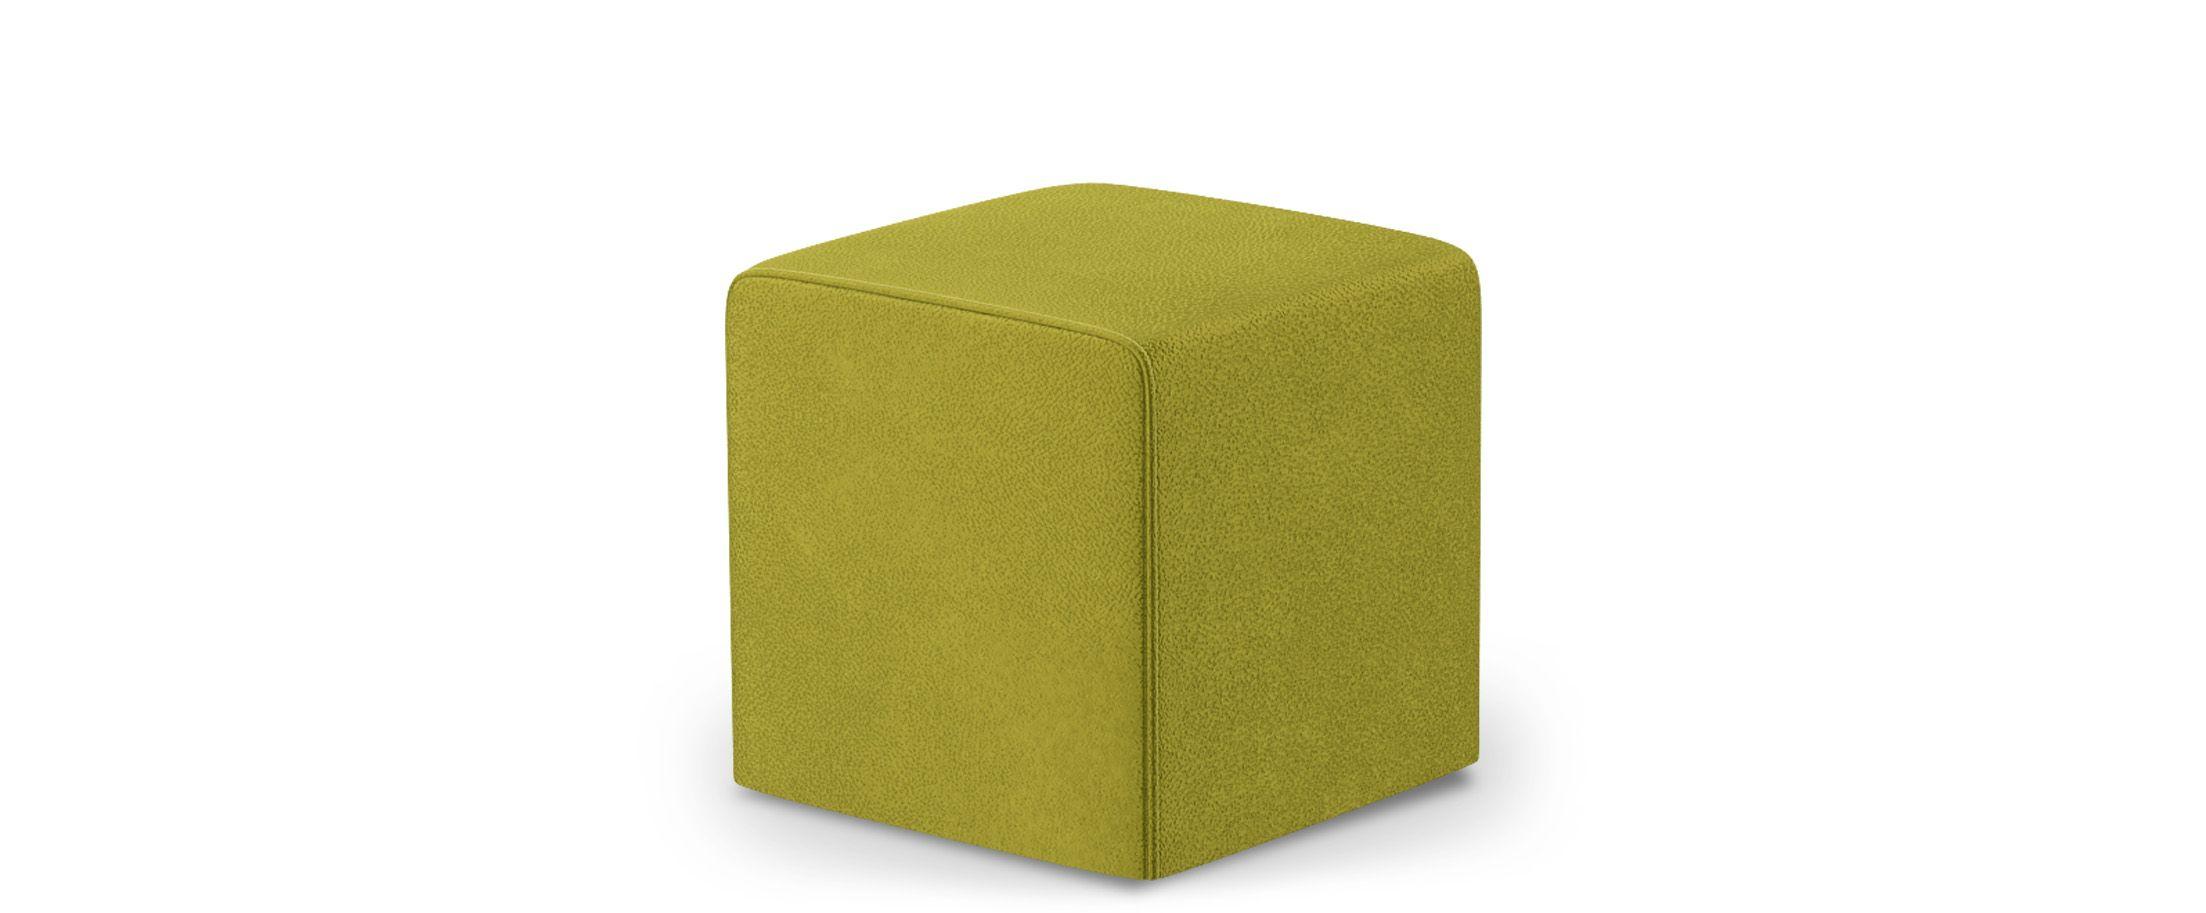 Пуф куб Модель 010Купить квадратный пуф из велюра Модель 010 от производителя. Доставка от 1 дня. Гарантия 18 месяцев. Интернет-магазин мебели MOON TRADE.<br>